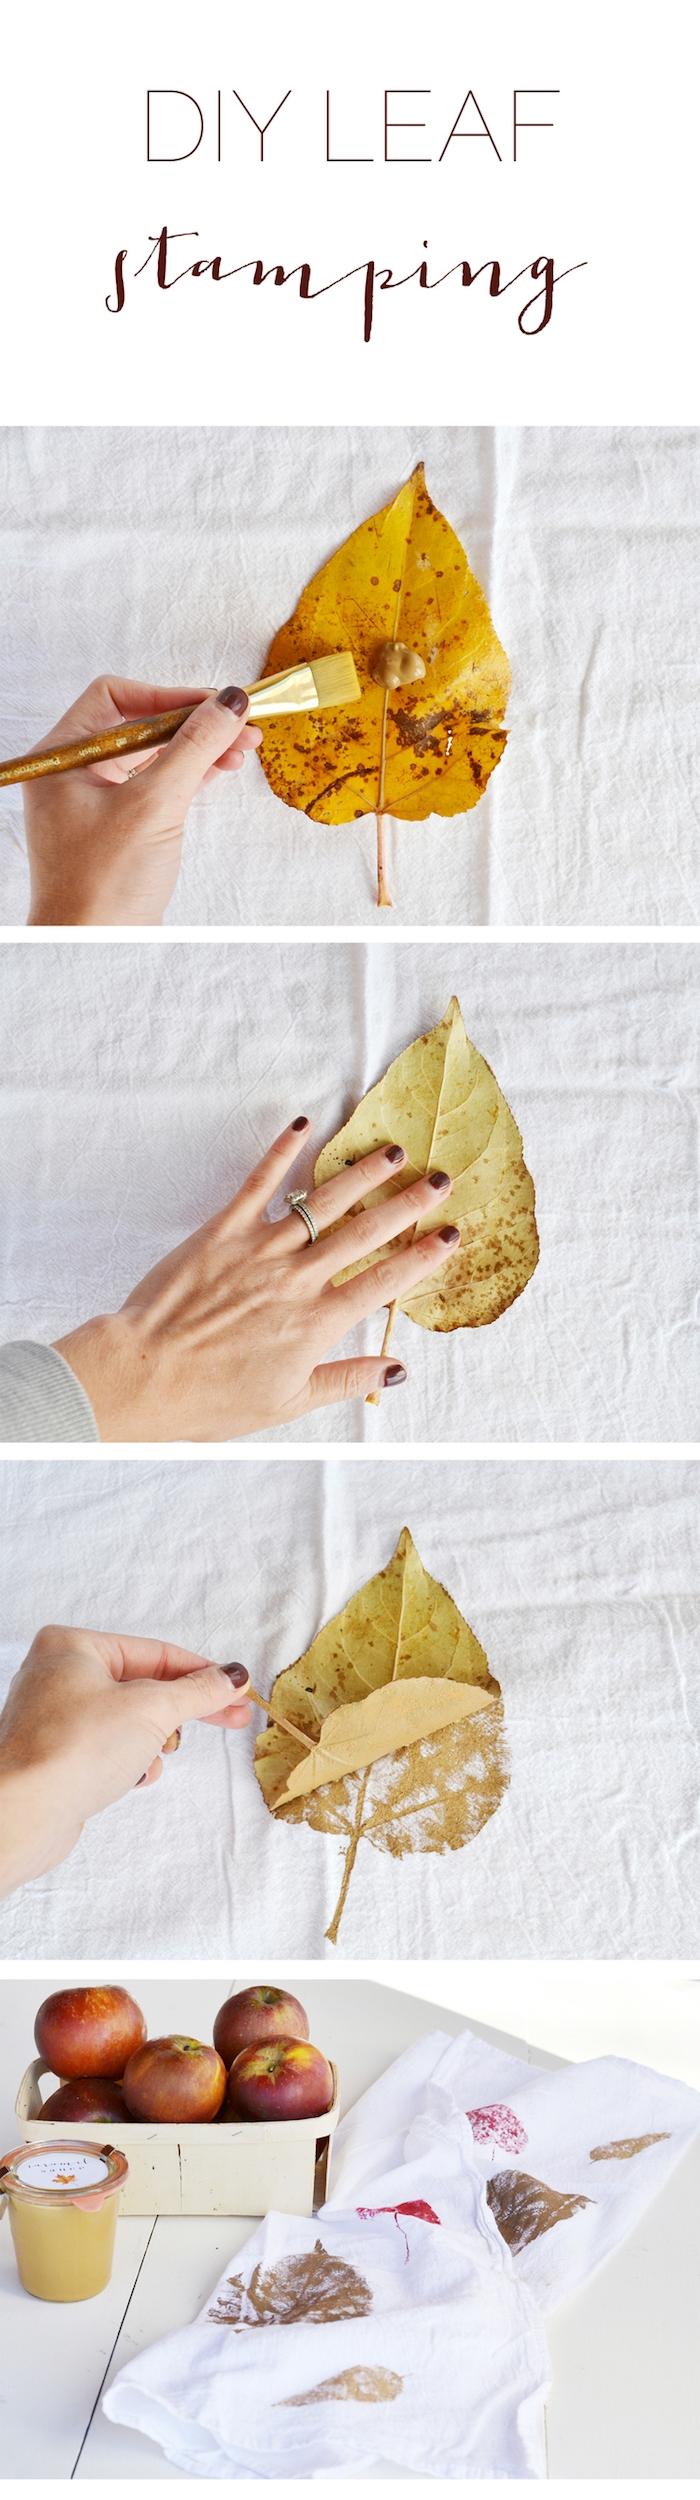 tutoriel technique pour décorer une serviette à motif floral, empreintes de feuilles avec de la peinture appliquée dessus